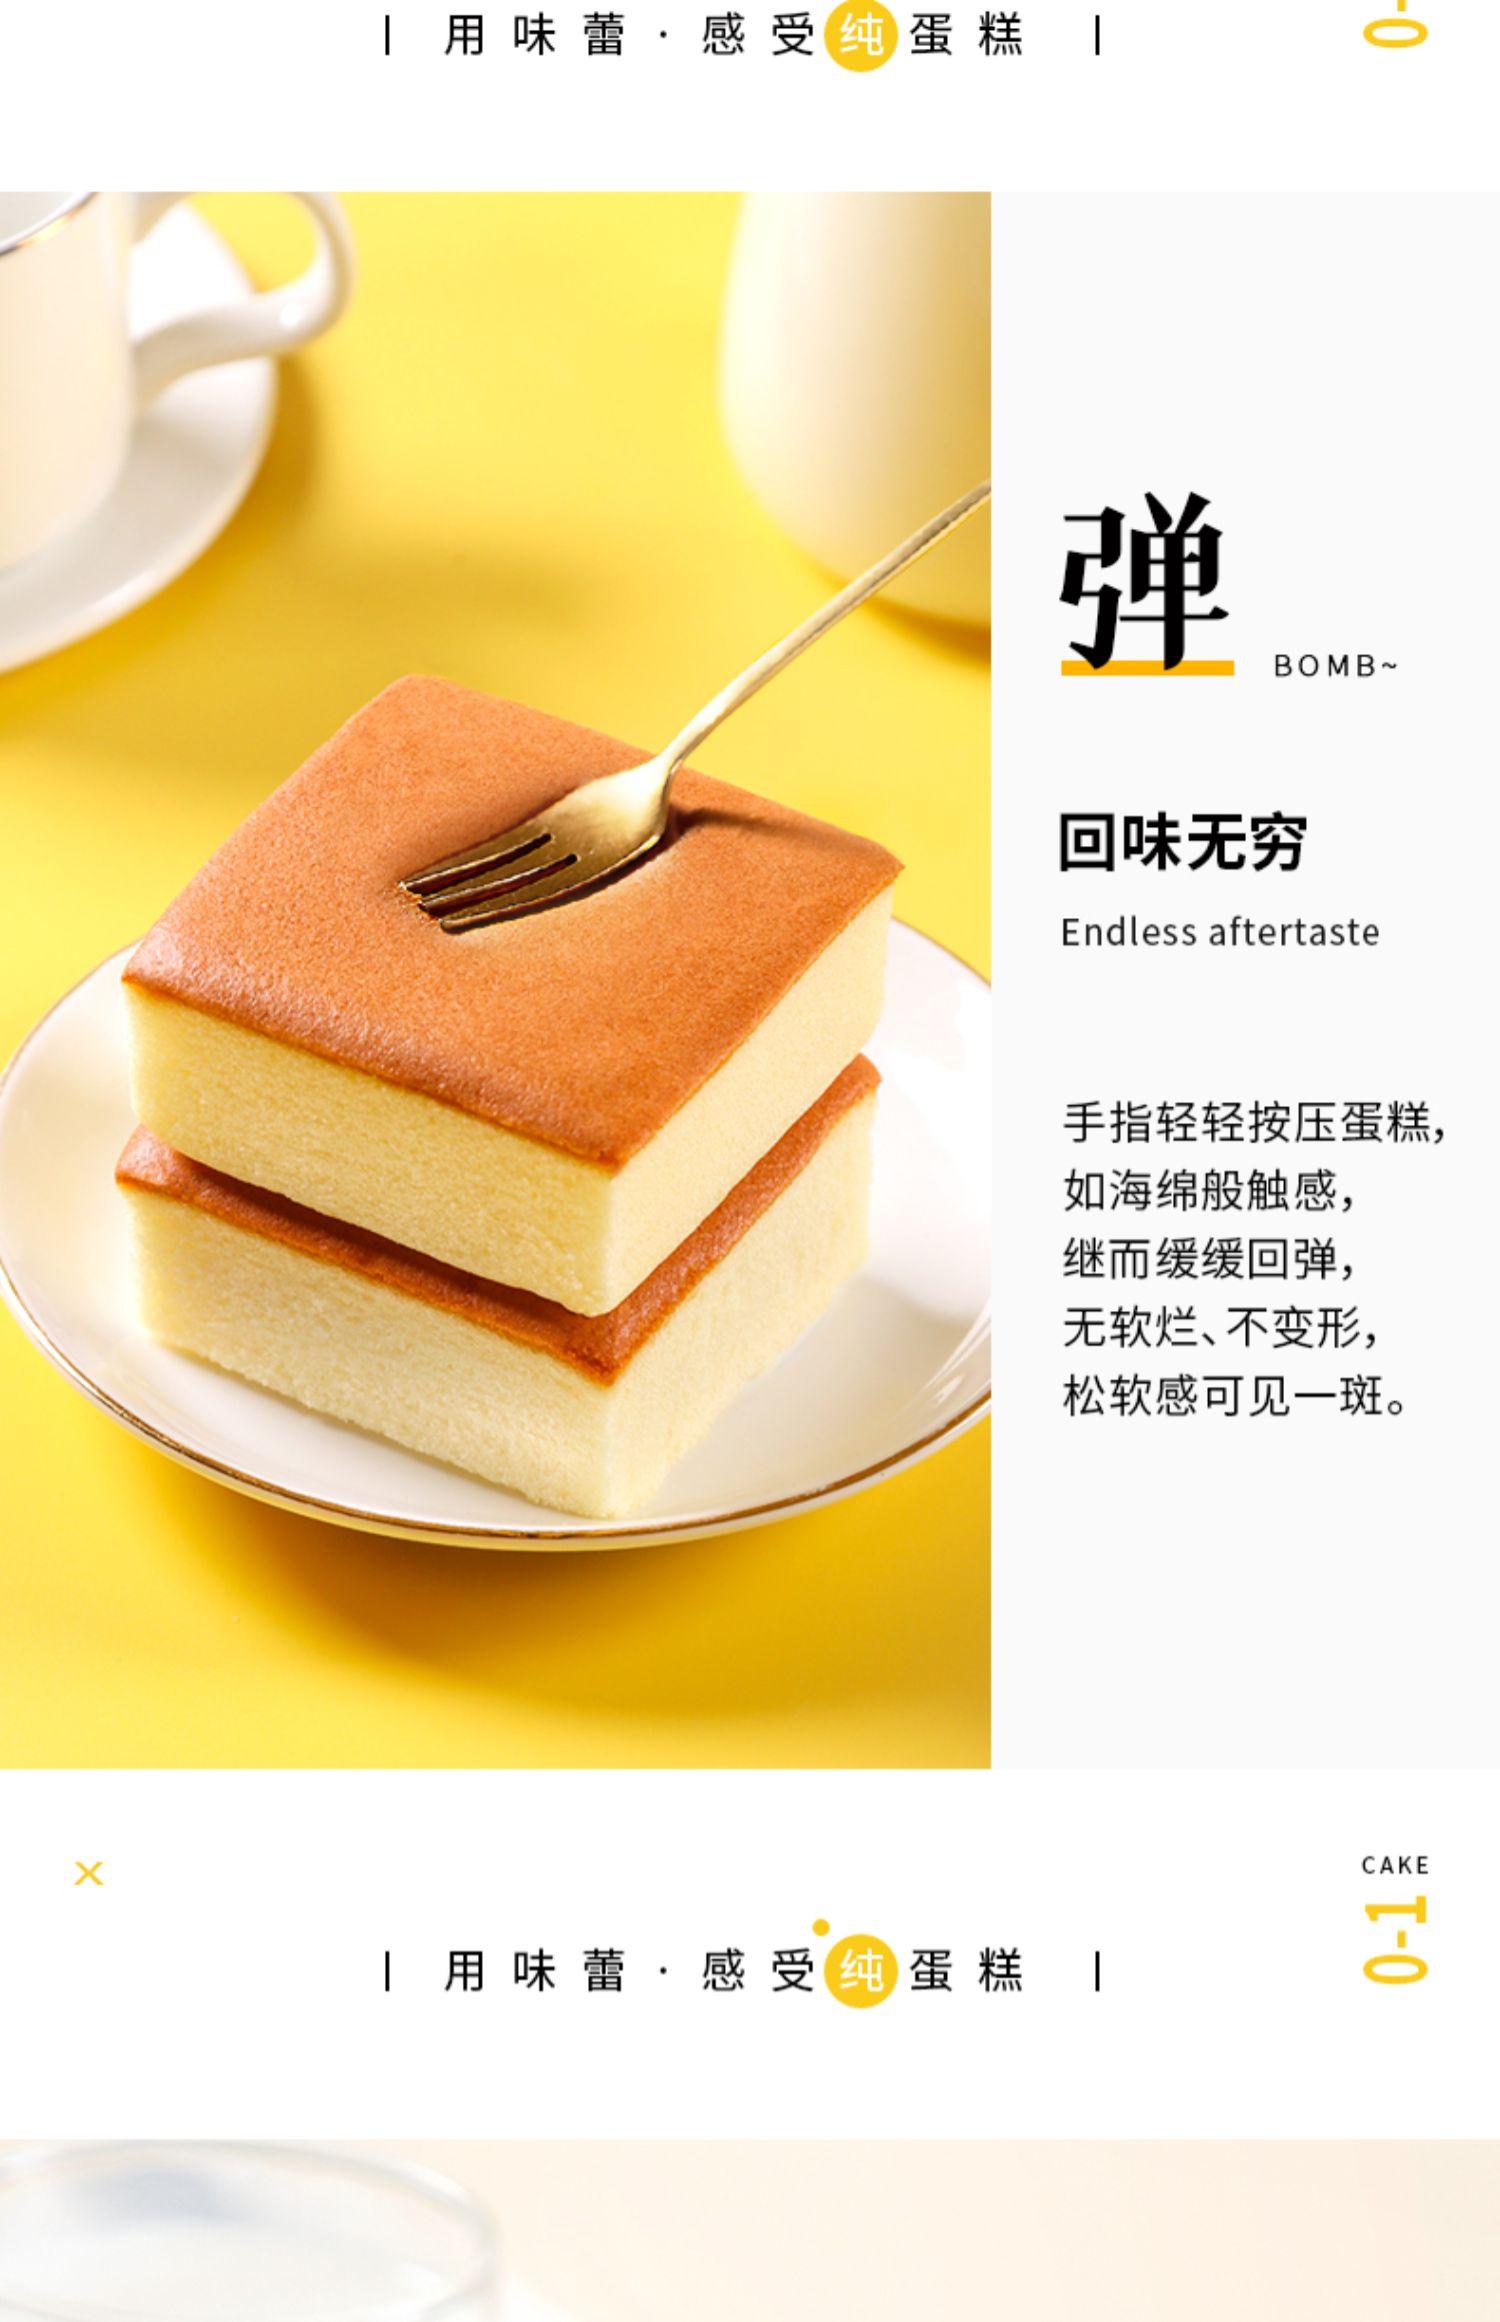 【9.9元】美和香粗粮黑米蛋糕早餐面包整箱